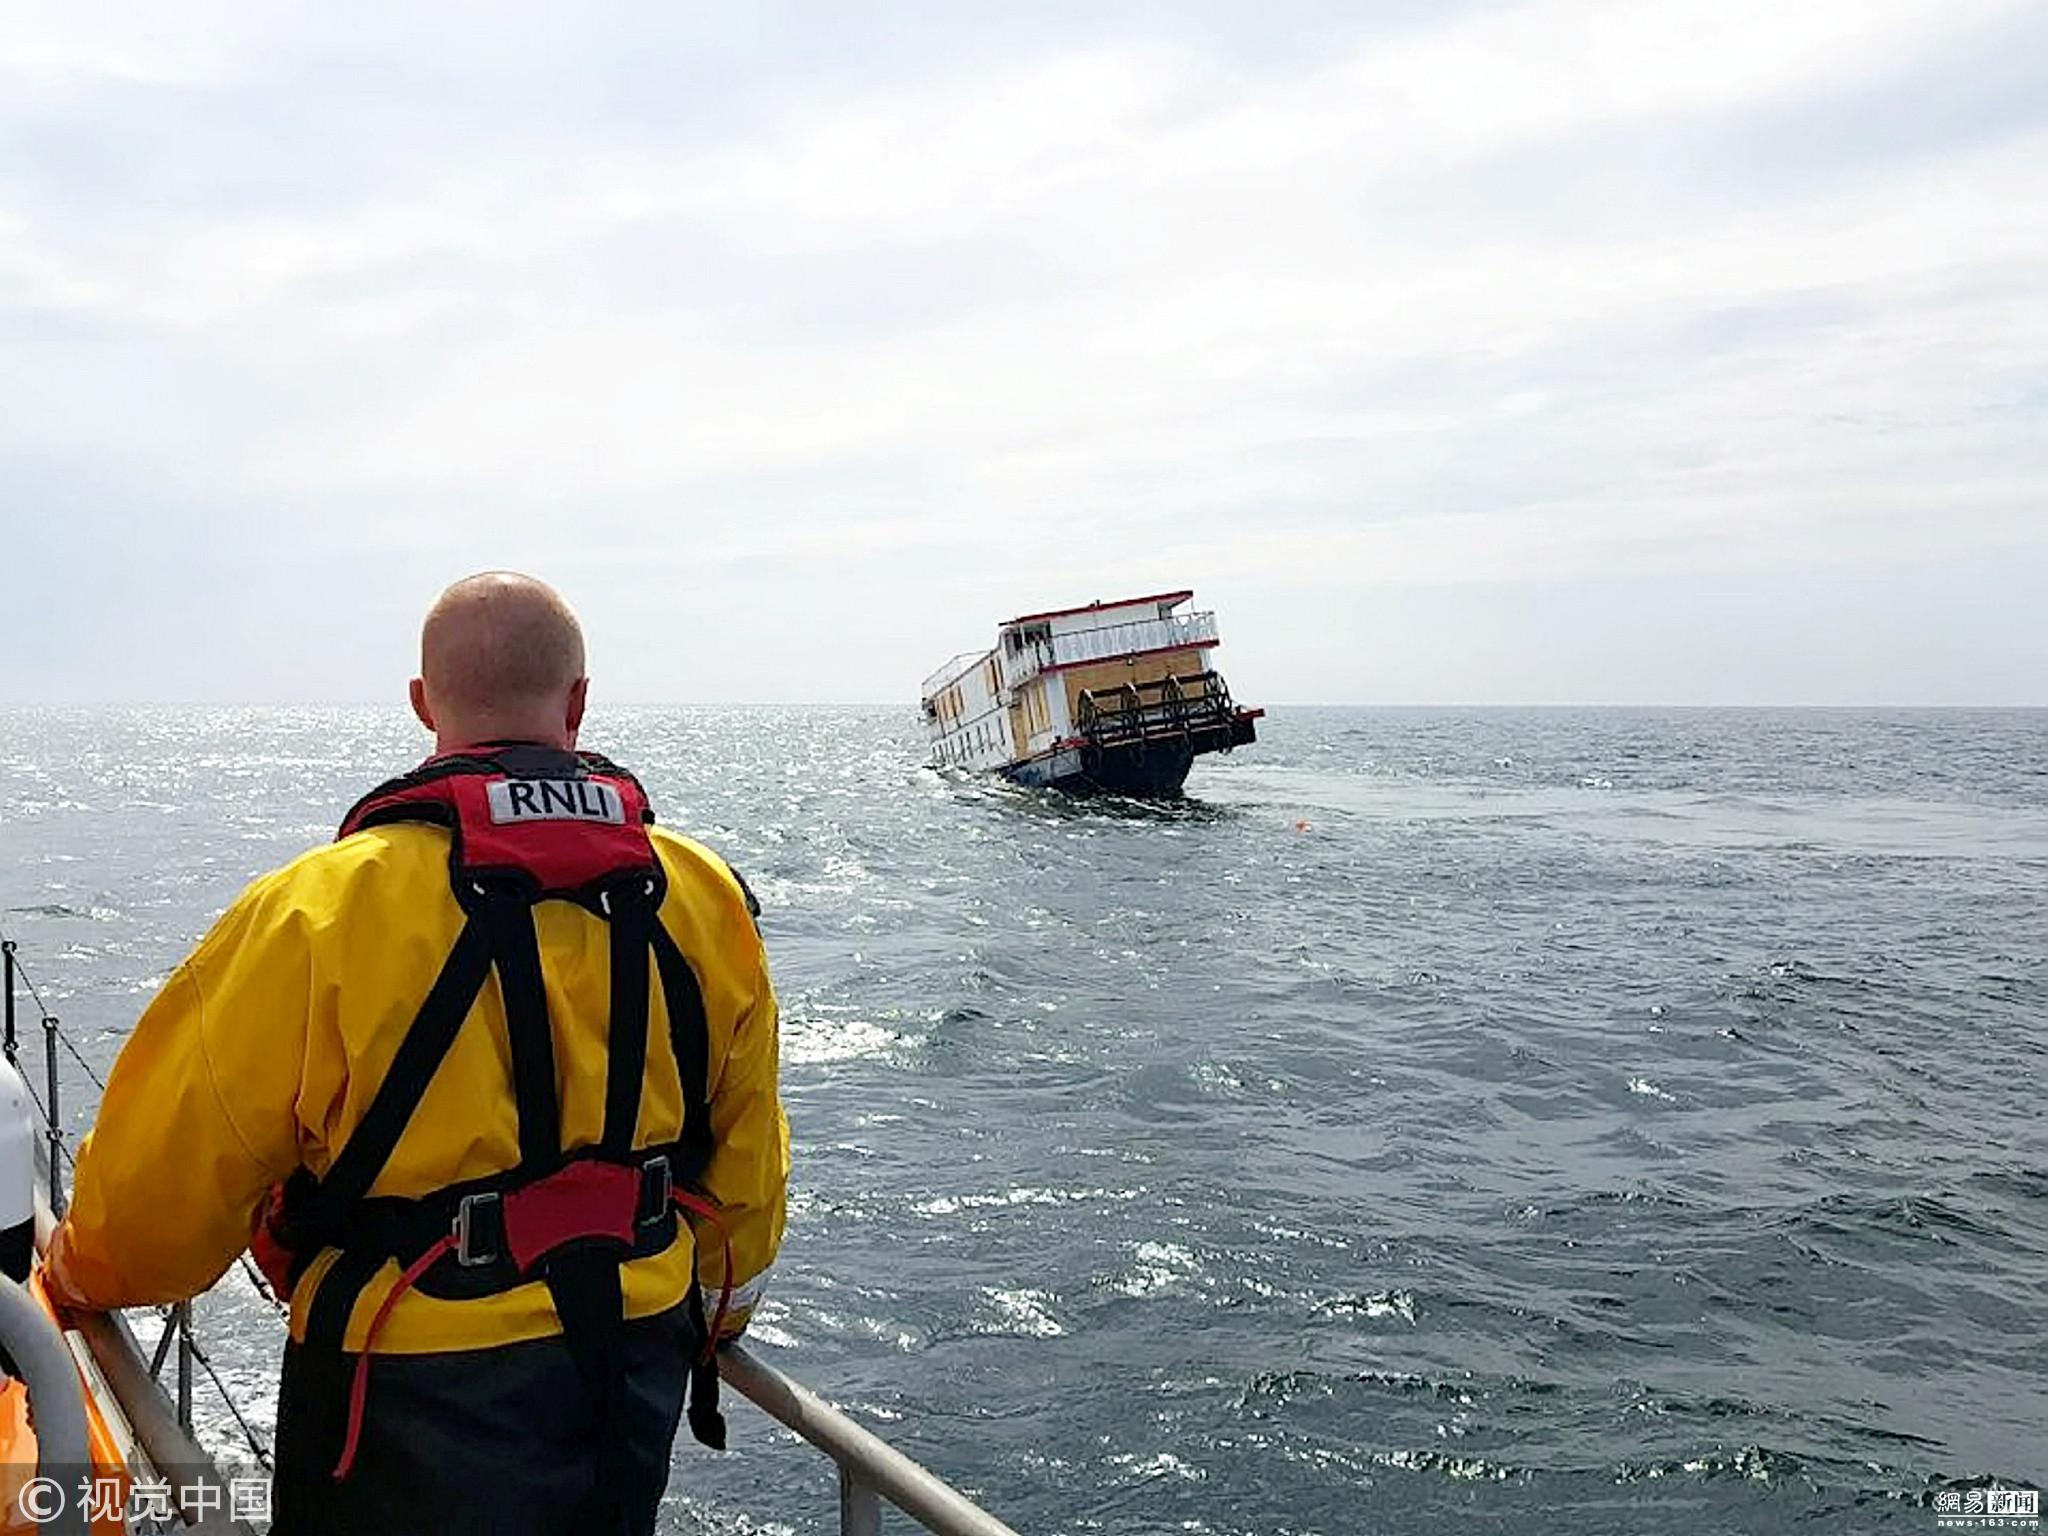 老船翻新首航沉海具体原因是什么 当时发生了什么